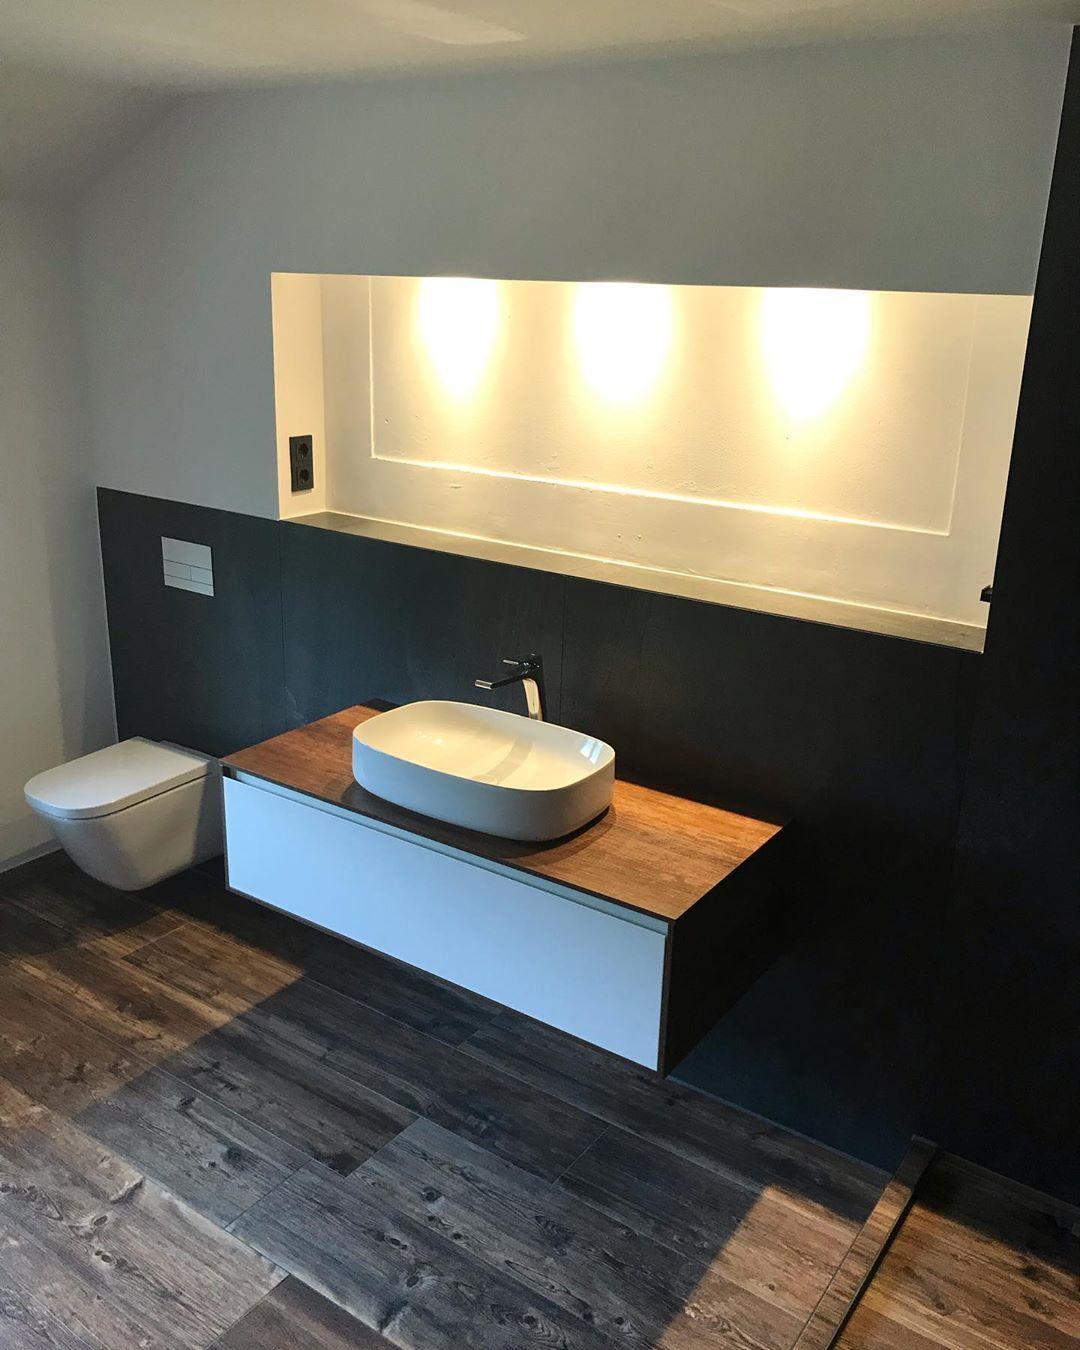 Da Fehlt Doch Noch Was Lustaufhandwerk Nofilter Heinke Sanitar Heizung Schwerte Dortmund Iserlohn Unna Waschtisch Badezimmer Wohnen Handwerk